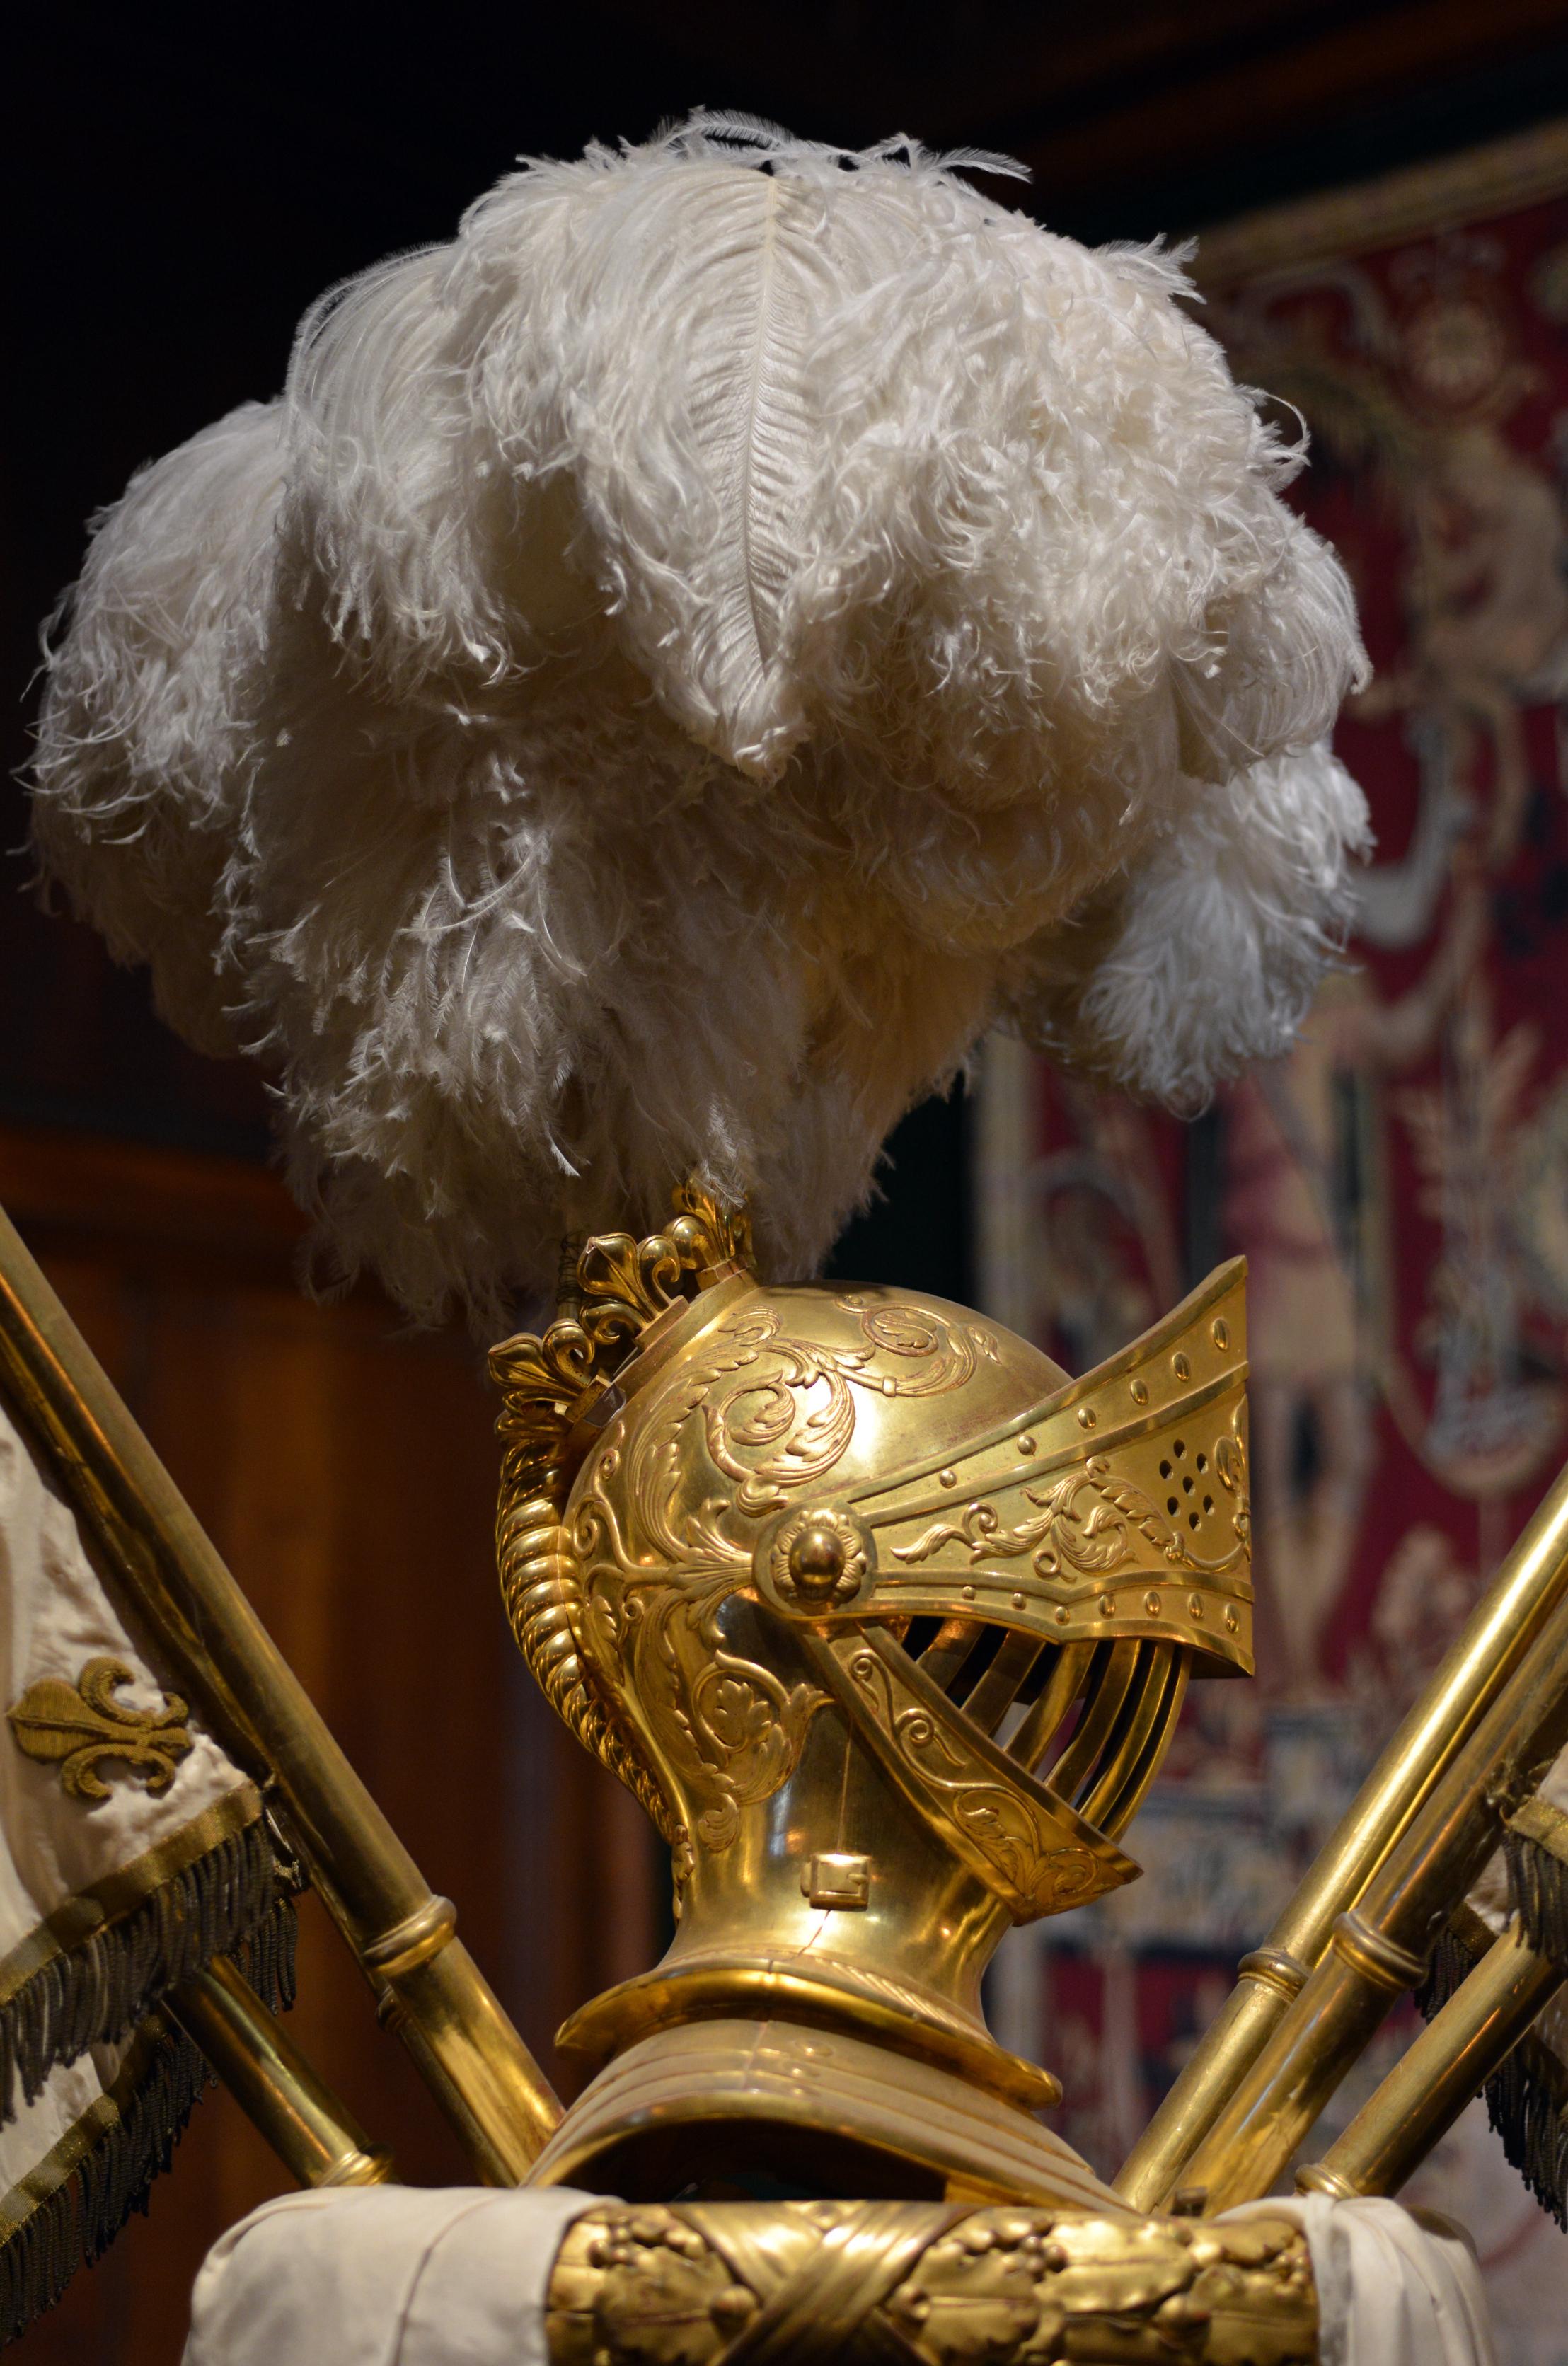 Détail du décor du berceau-carapace du roi Henri IV - casque et panache blanc